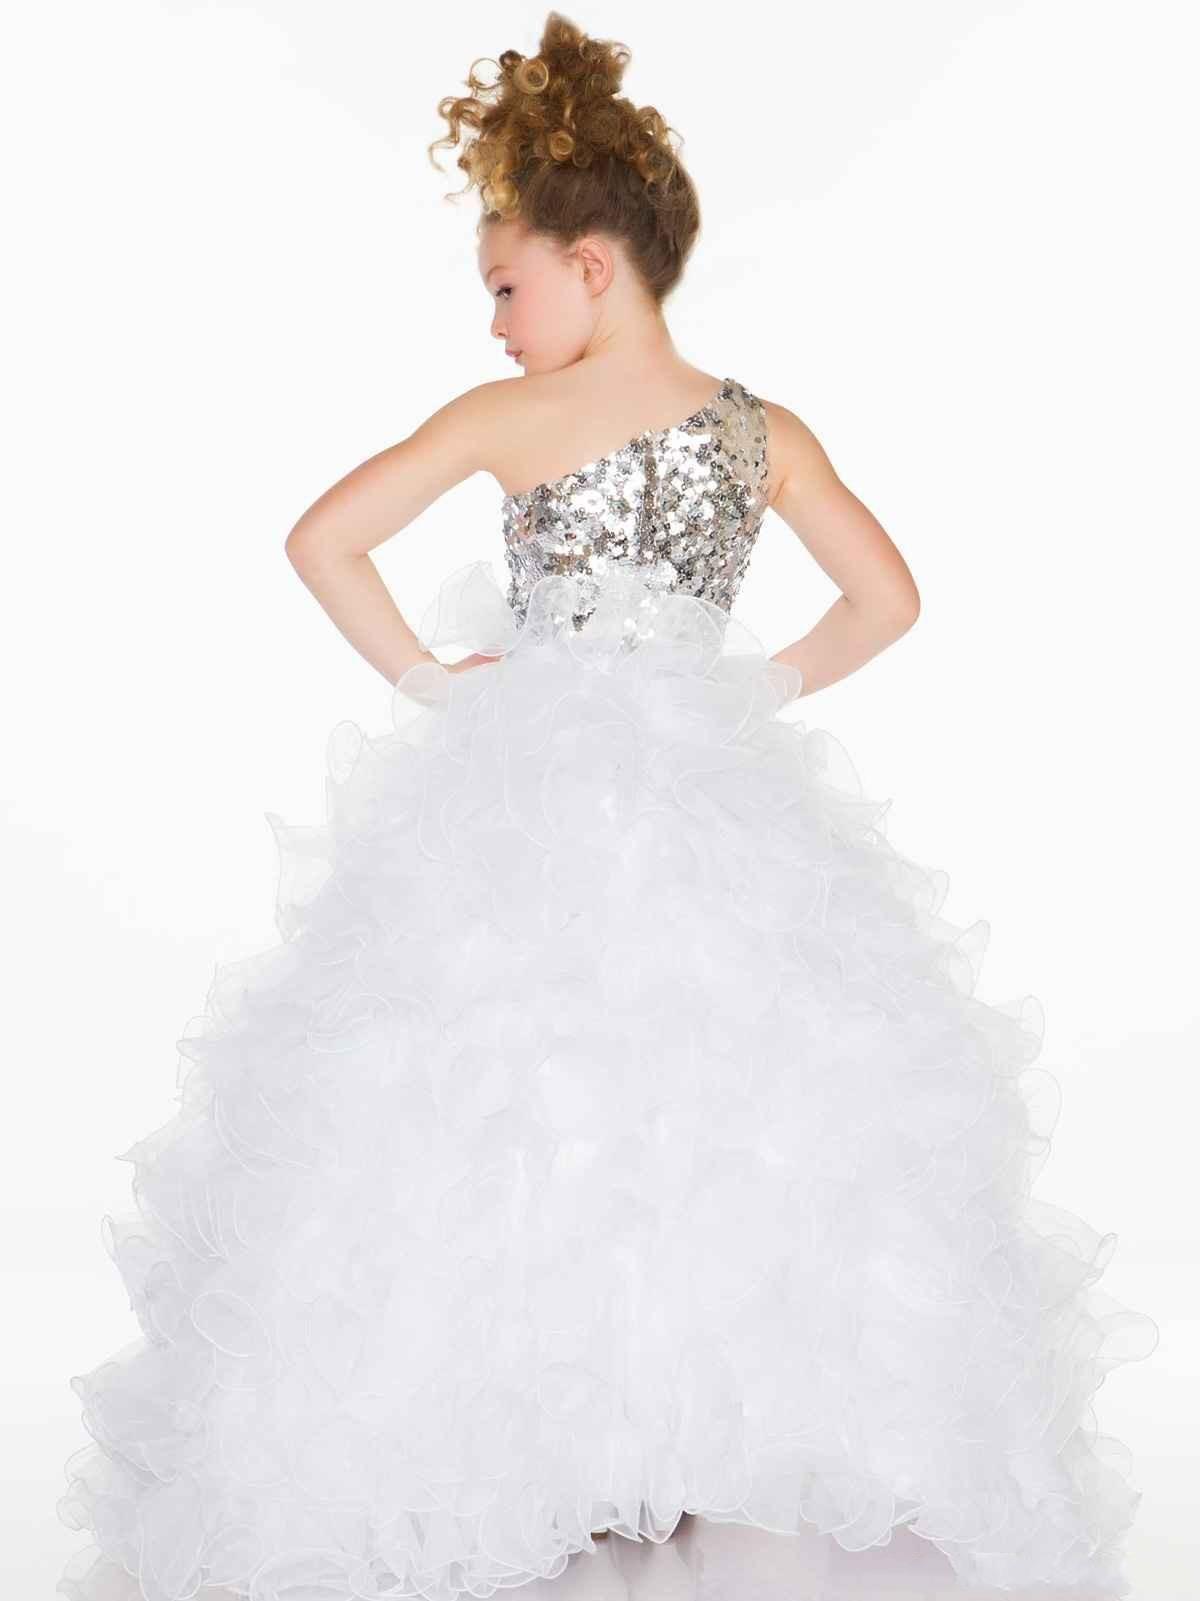 2015 Glitz Cekiny Jedno ramię Kwiat Dziewczyna Suknie Śliczna Princess Pleat Organza Fuchsia Biała Suknia Balowa Little Flower Girl Pagewant Sukienka